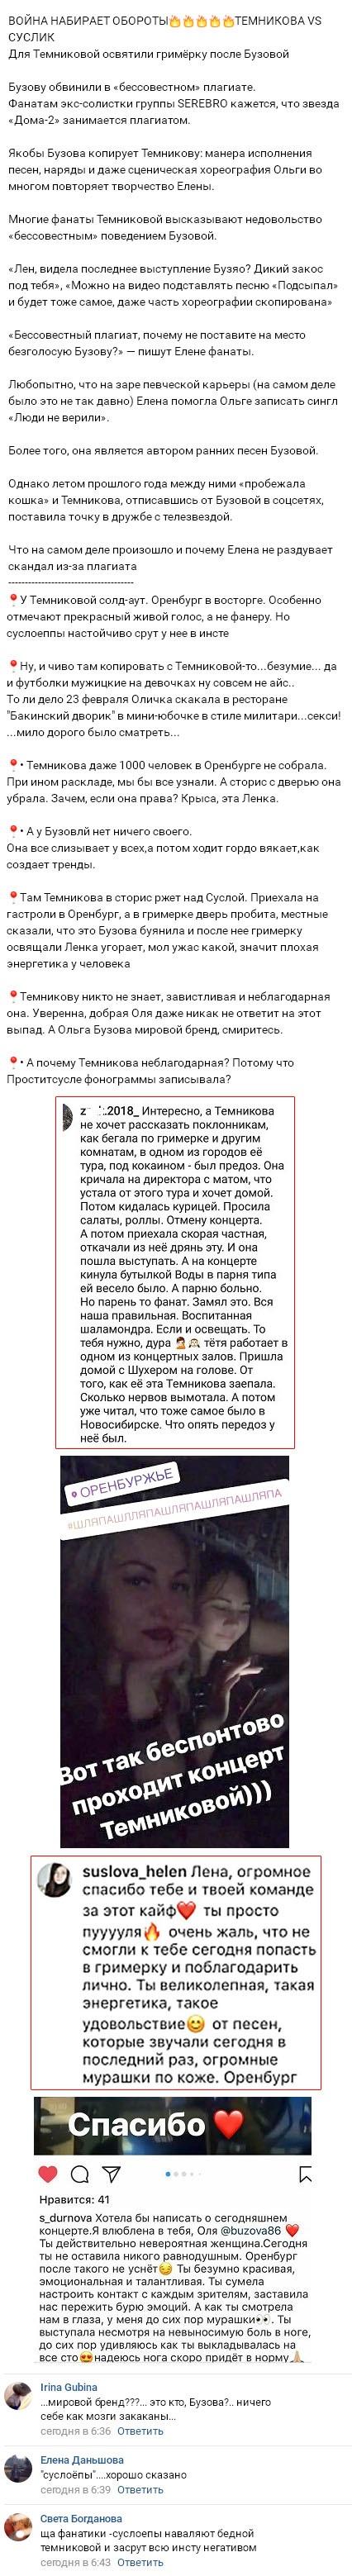 Ольга Бузова потеряла ещё одну хорошую подругу